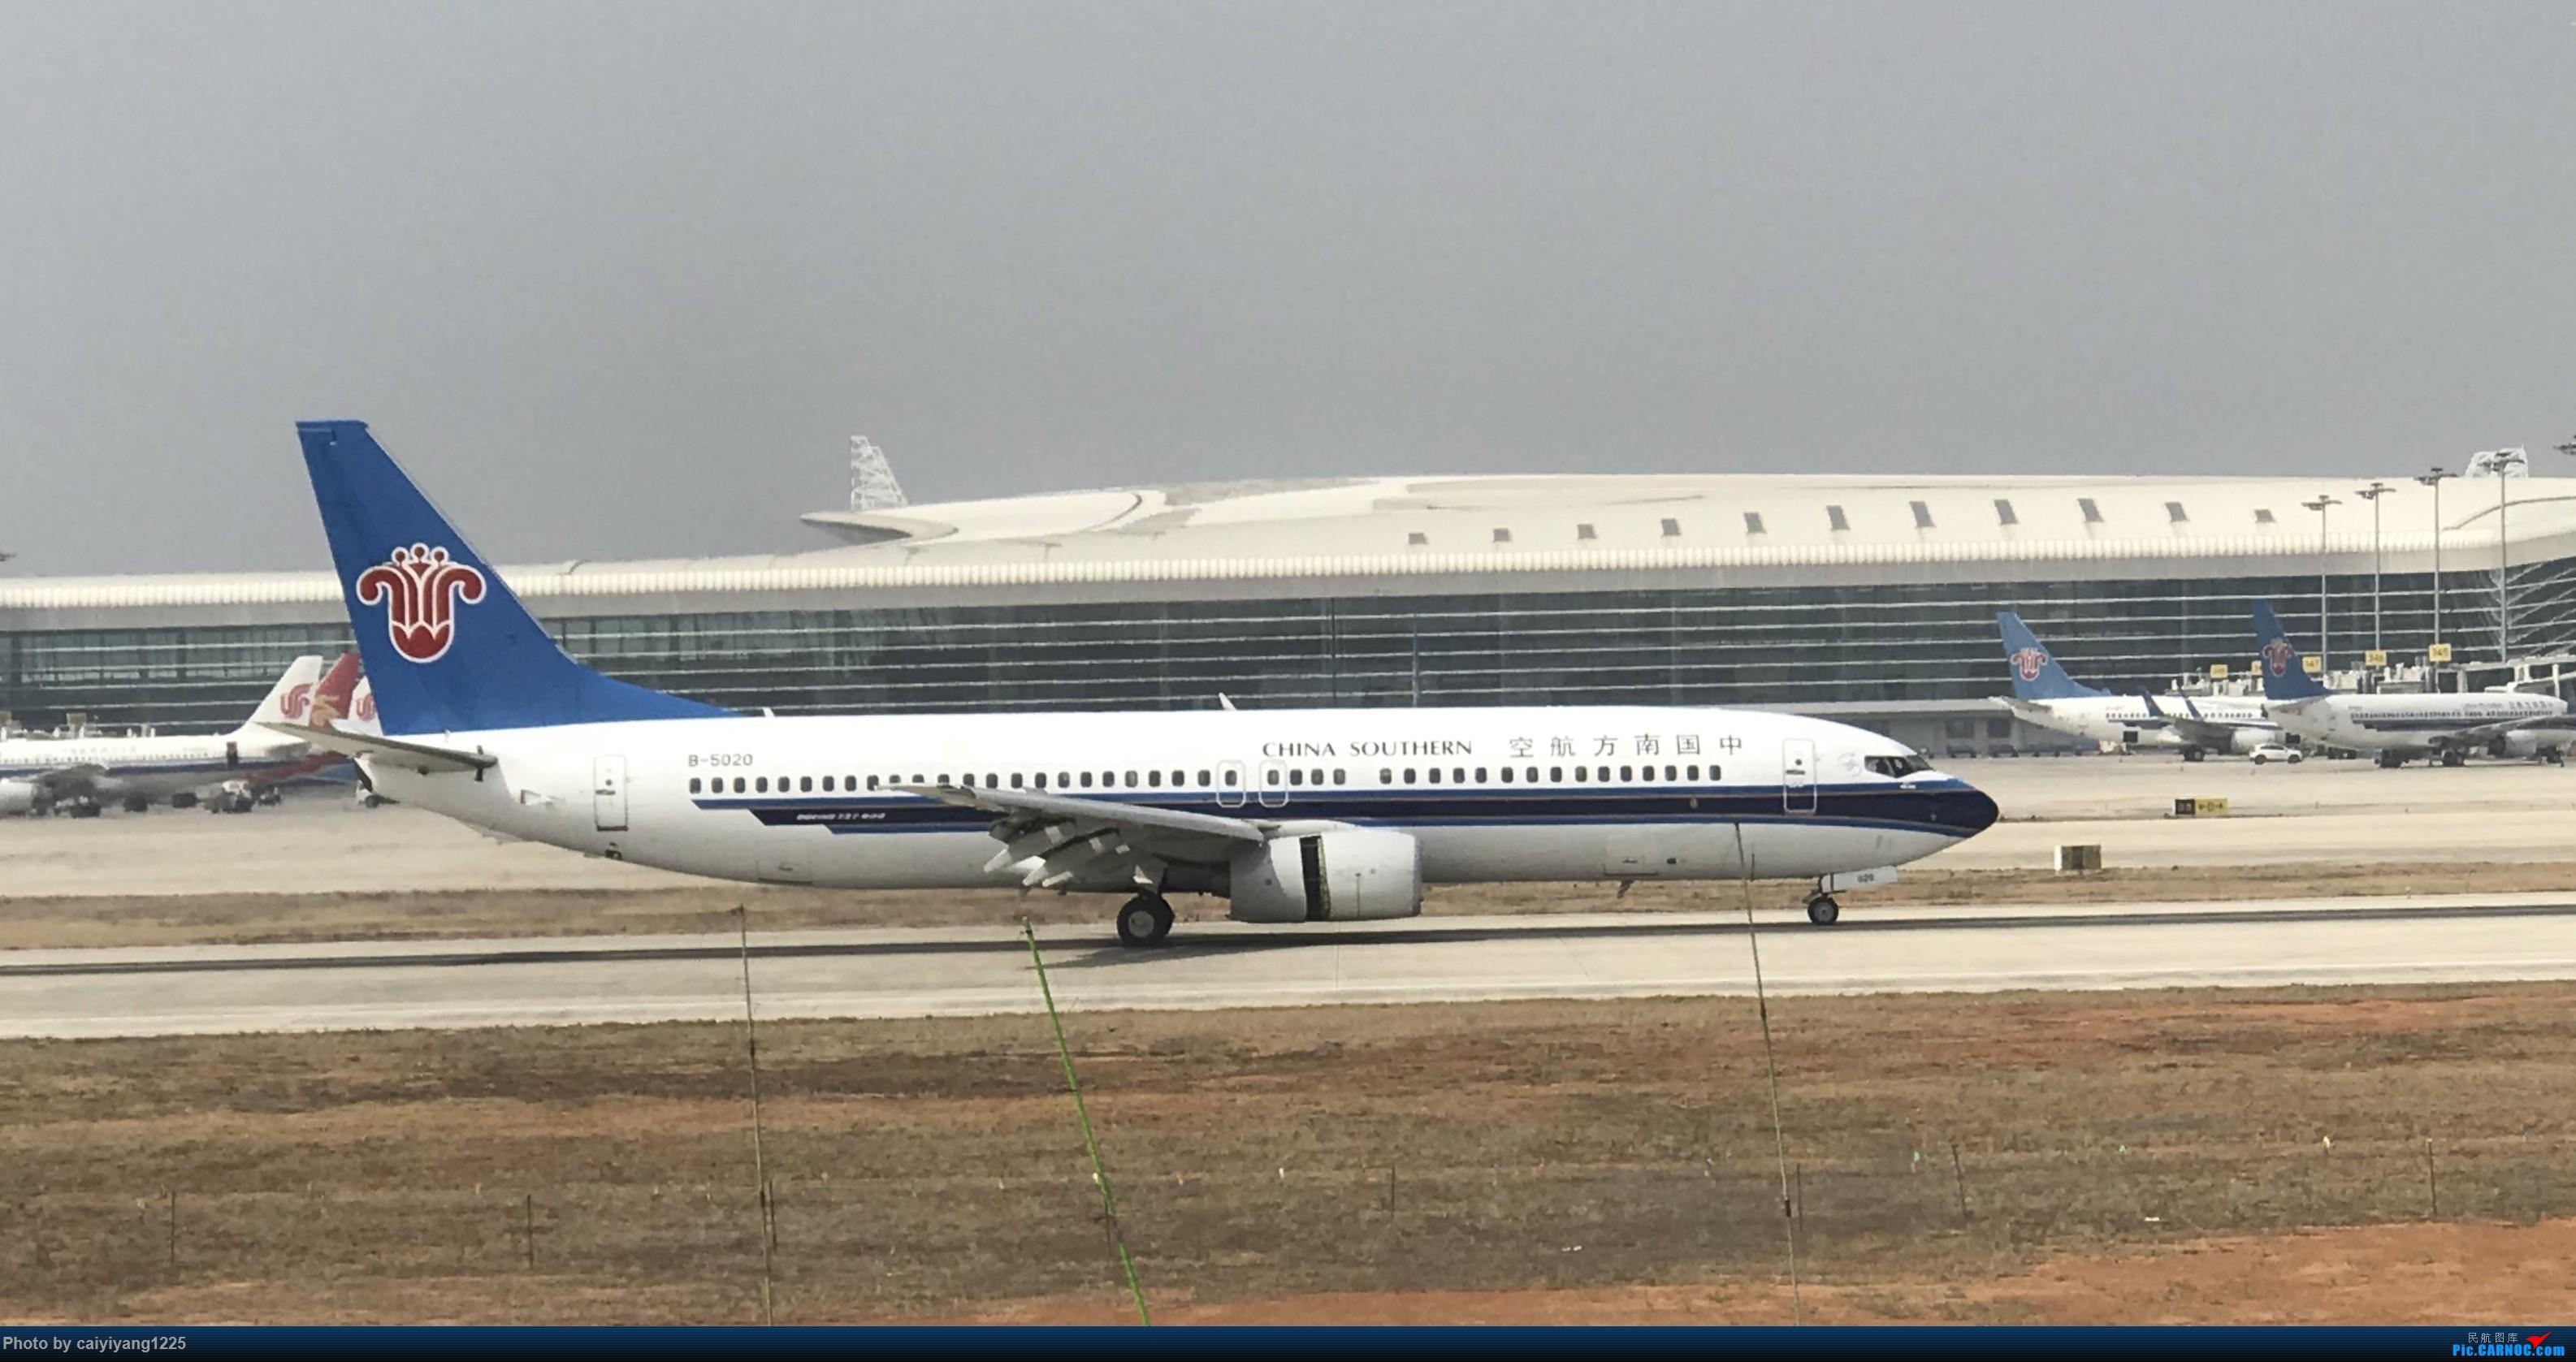 Re:[原创]武汉国庆拍机ps:出门忘带相机 拿手机拍的烂货请见谅! BOEING 737-800 B-5020 武汉天河国际机场